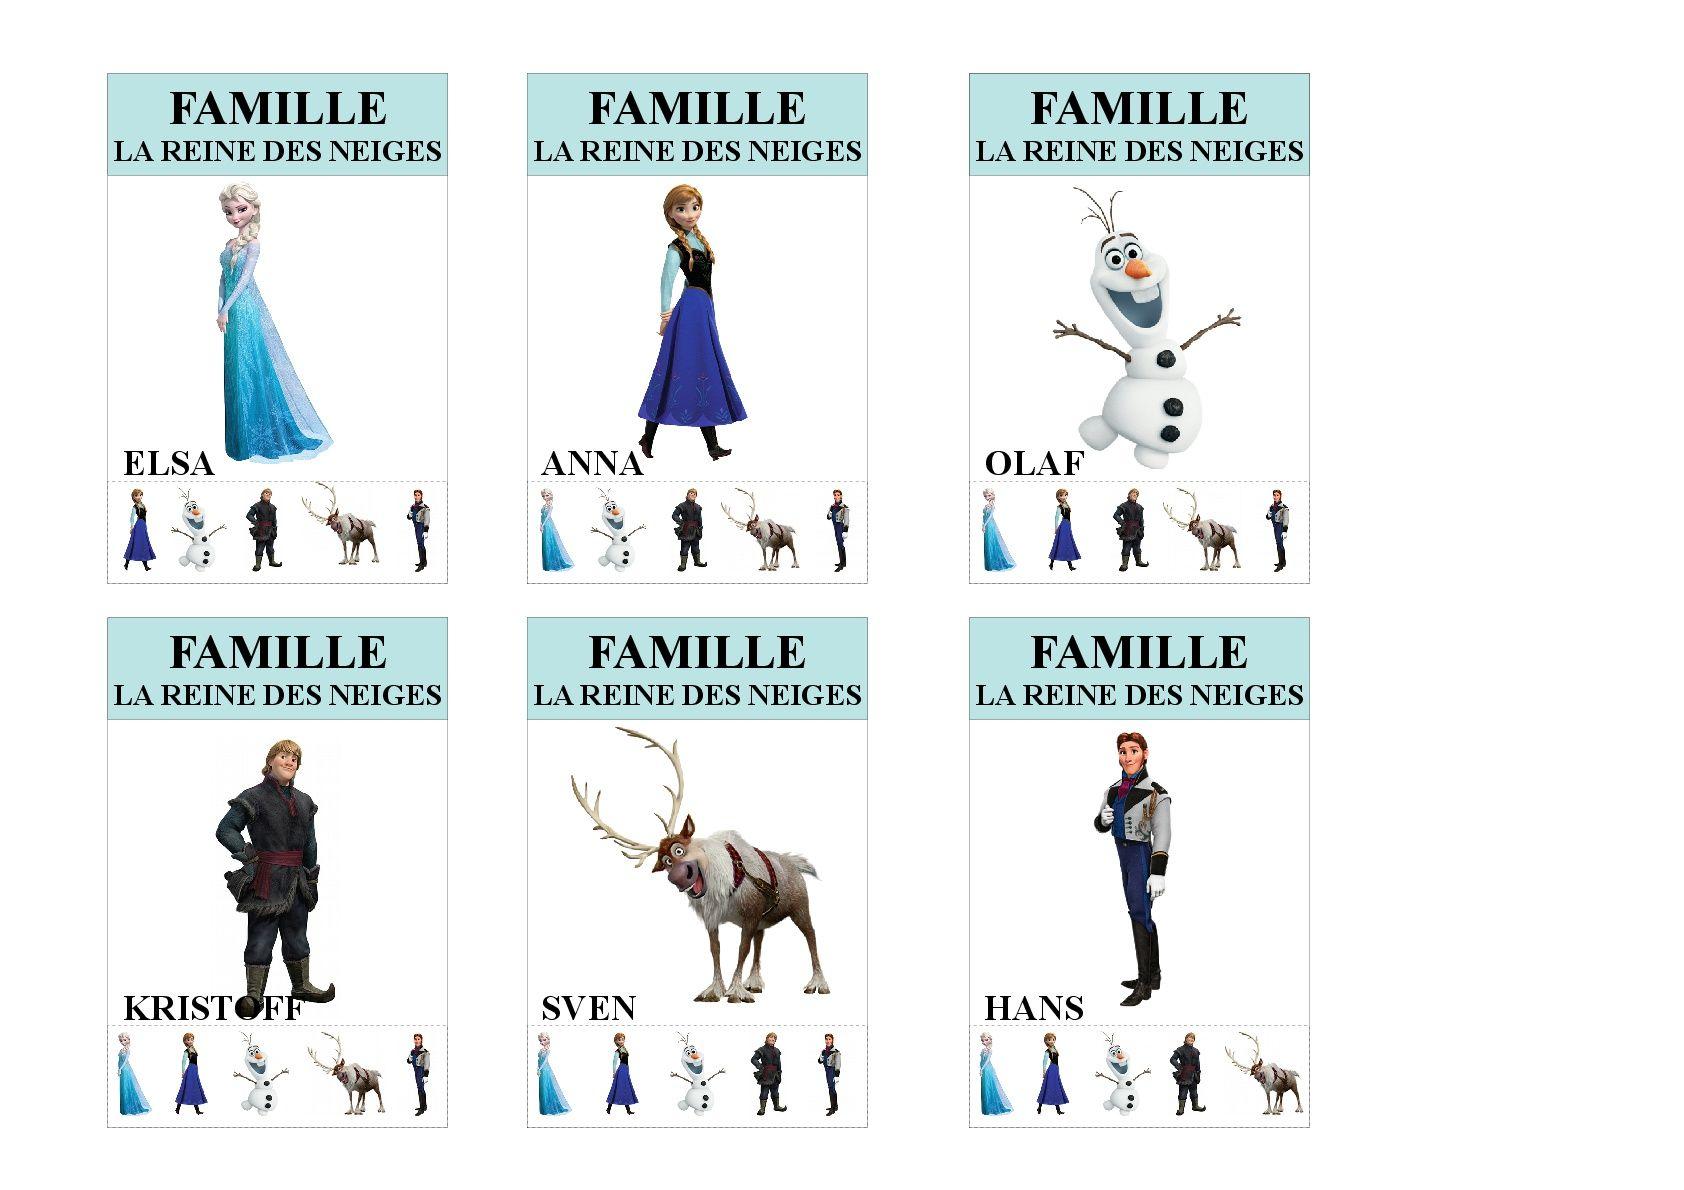 Famille La Reine Des Neiges Jeu Des 7 Familles Utilisable Pour Les Plus Jeunes Vu Que Tous Les Membre Jeux Des 7 Familles Jeux Reine Des Neiges Jeux A Imprimer